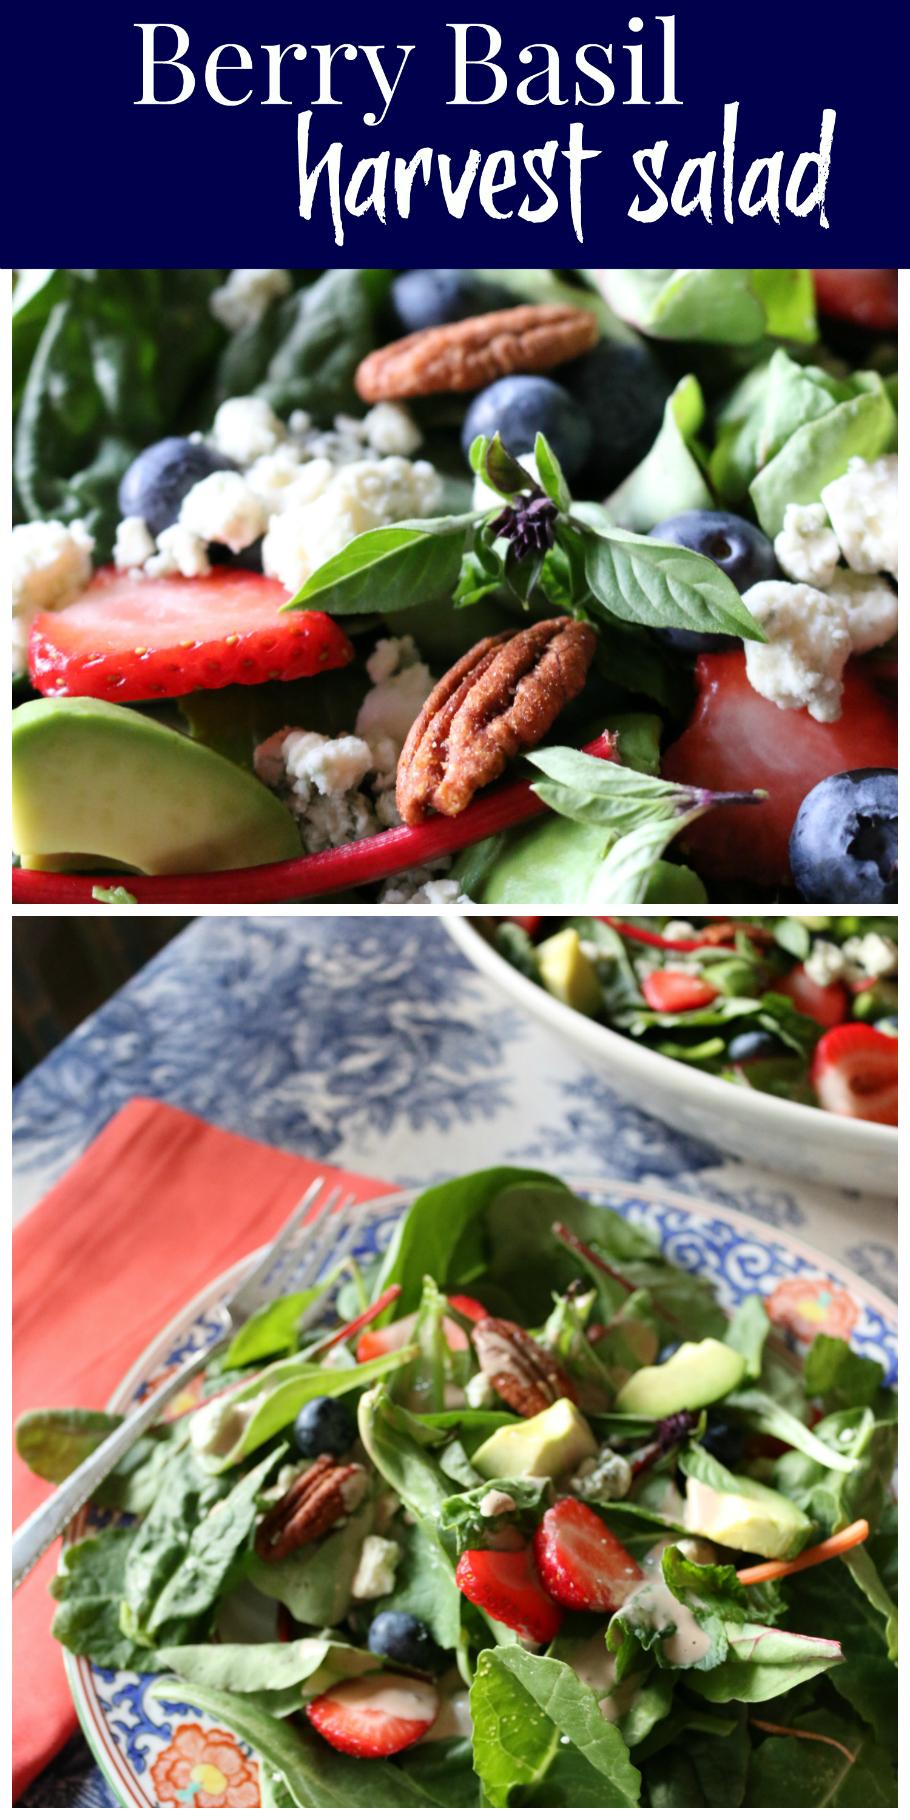 Berry Basil Harvest Salad | CeceliasGoodStuff.com | Good Food for Good People